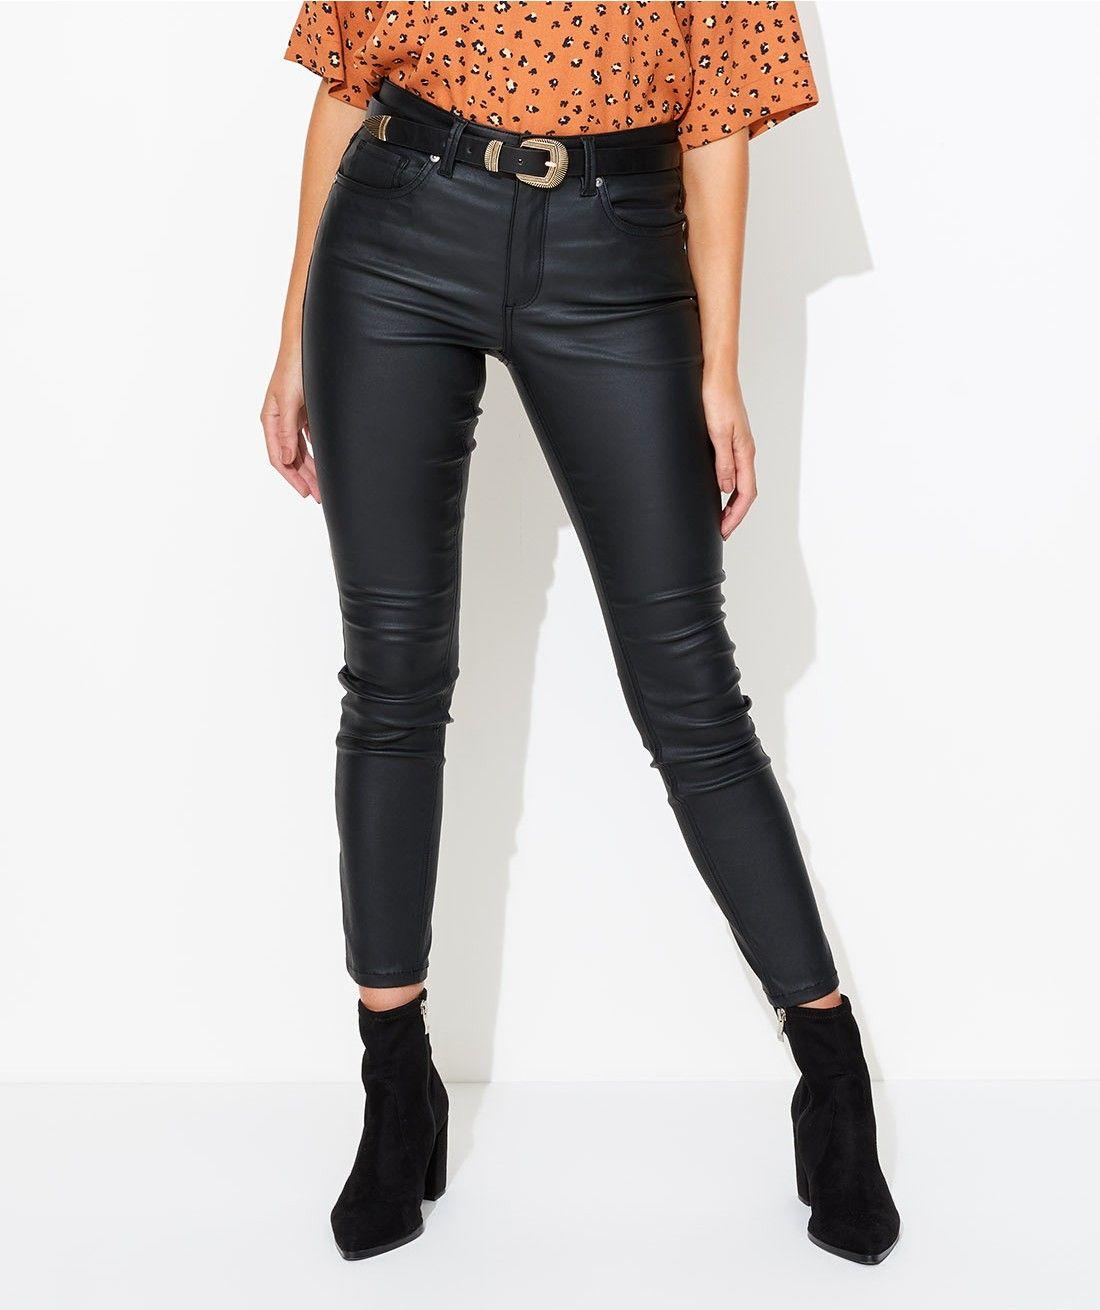 Sportsgirl Classics - Mid Rise Wax Coat Jean - Clothing - Sportsgirl    Black coated jeans, Clothes, Jean coat